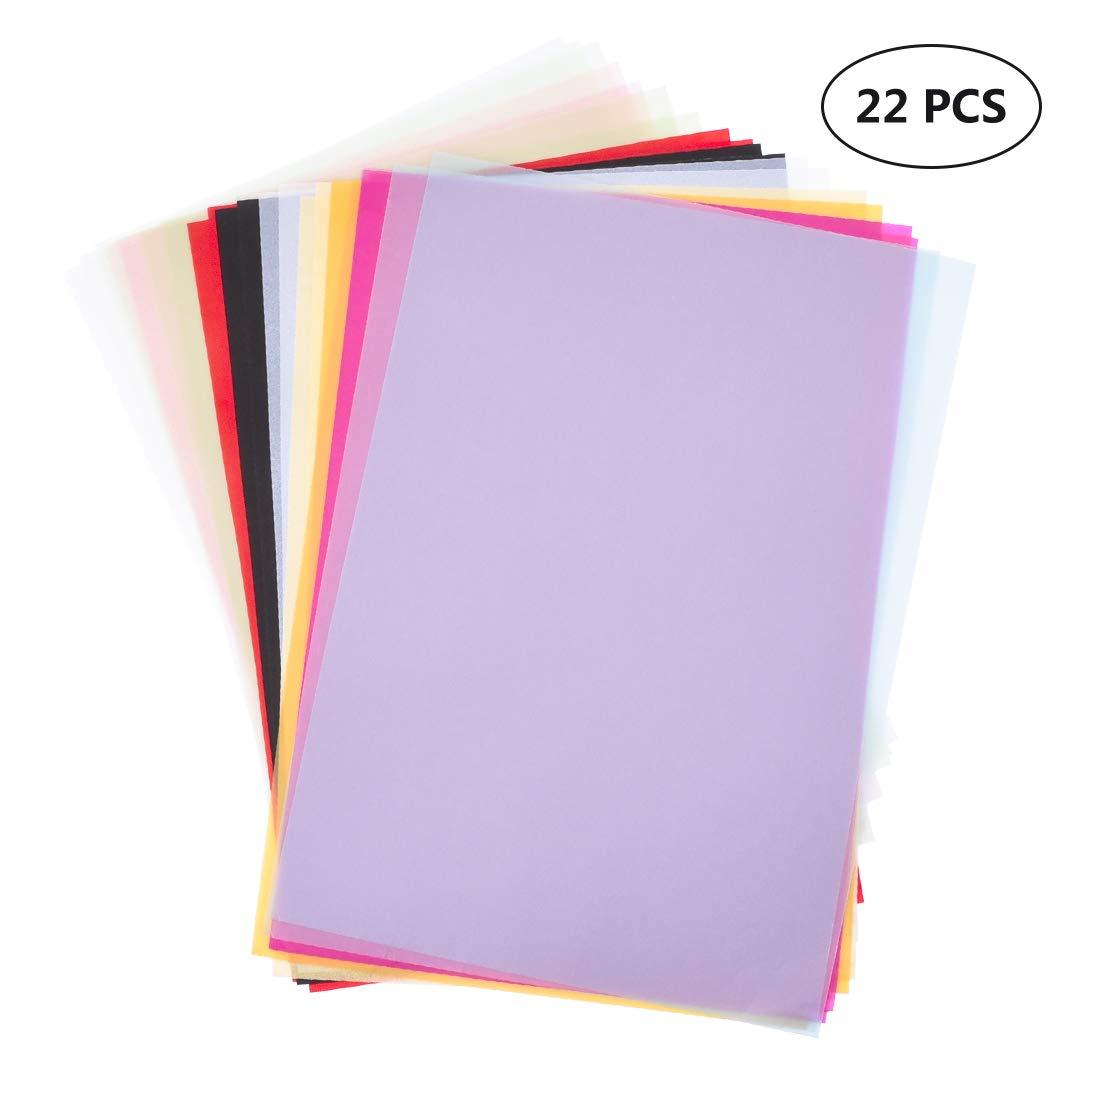 Dellcciu 22 Blatt Transparentpapiere, DIN A4, 11 Farben, 130 g/m² Dellcciu6654